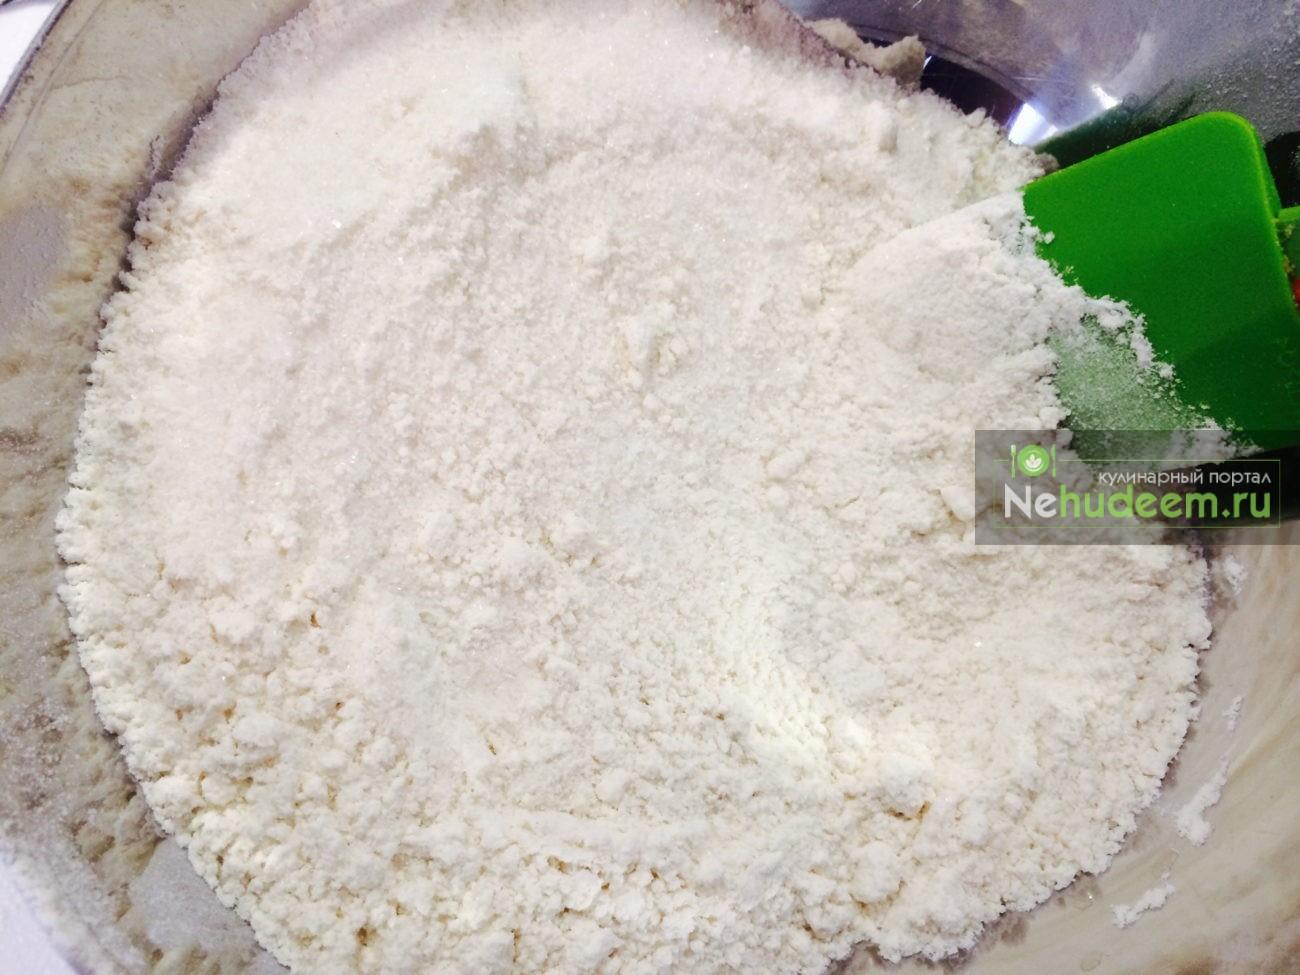 Торты с кокосовой стружкой рецепты простые в домашних условиях